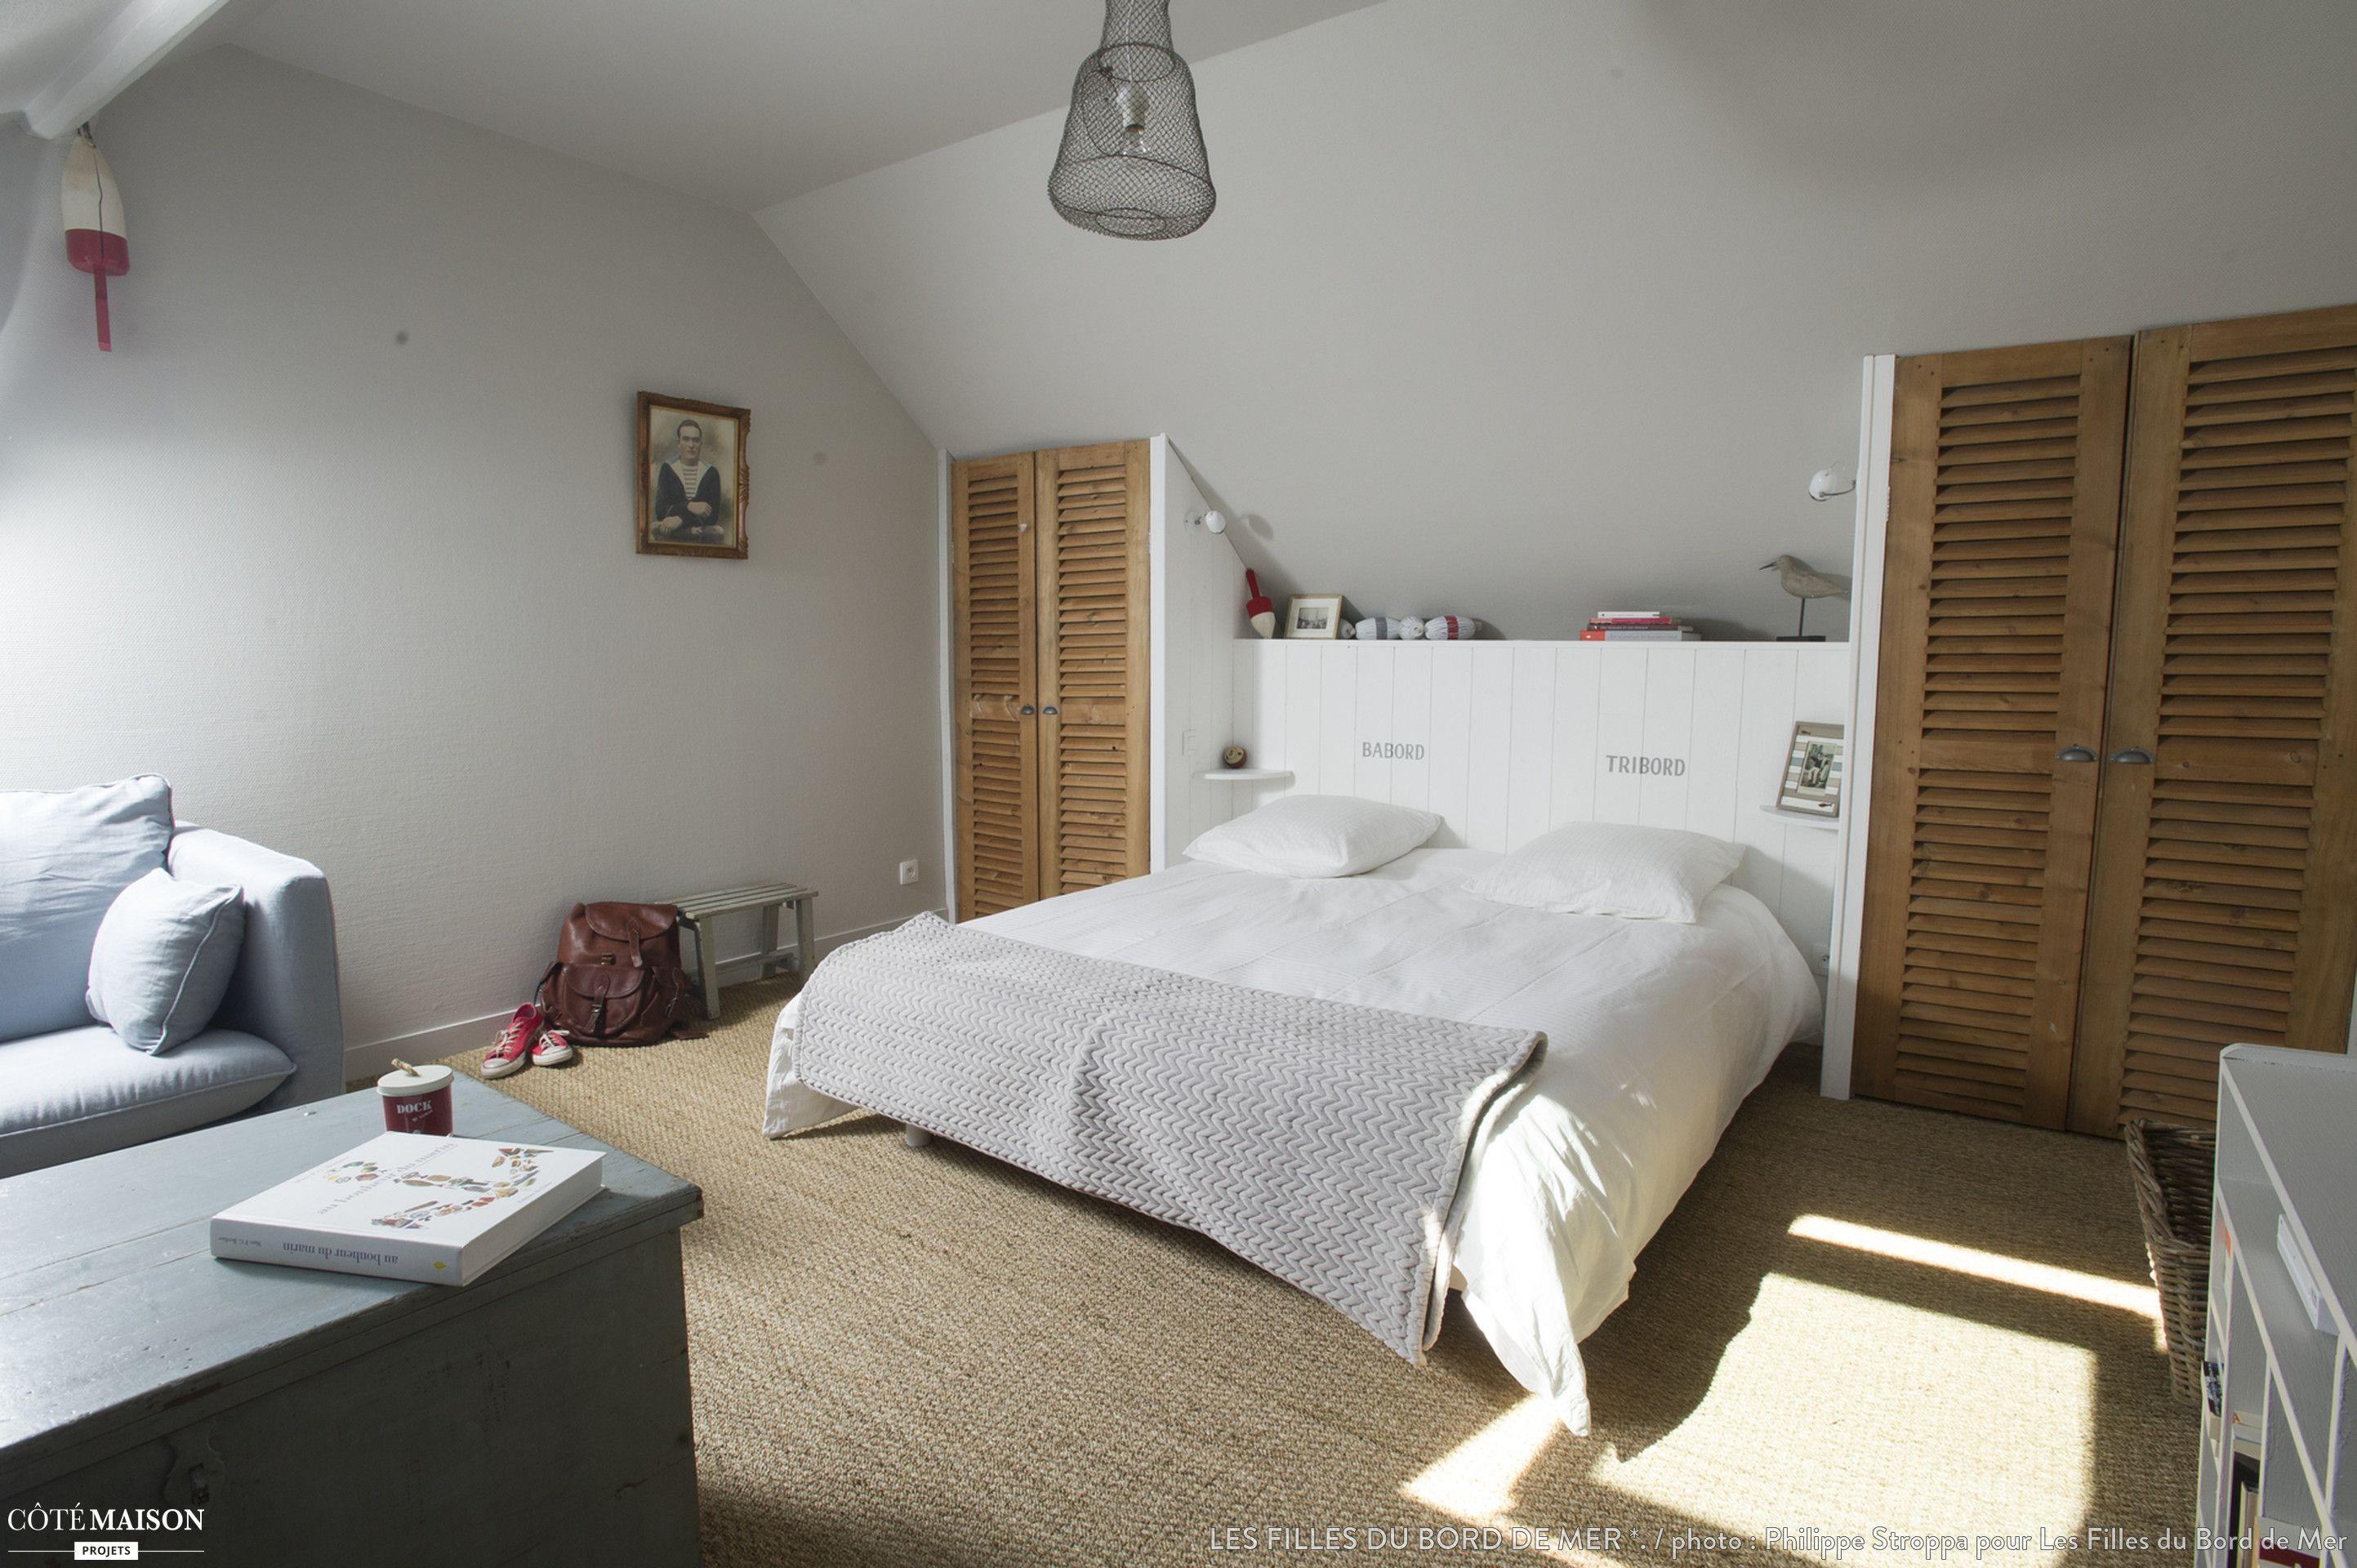 Appartement De Vacances Sur Les Quais D Un Port De Peche Normand Idee Chambre Chambre Parentale Sous Toit Chambre Jonc De Mer